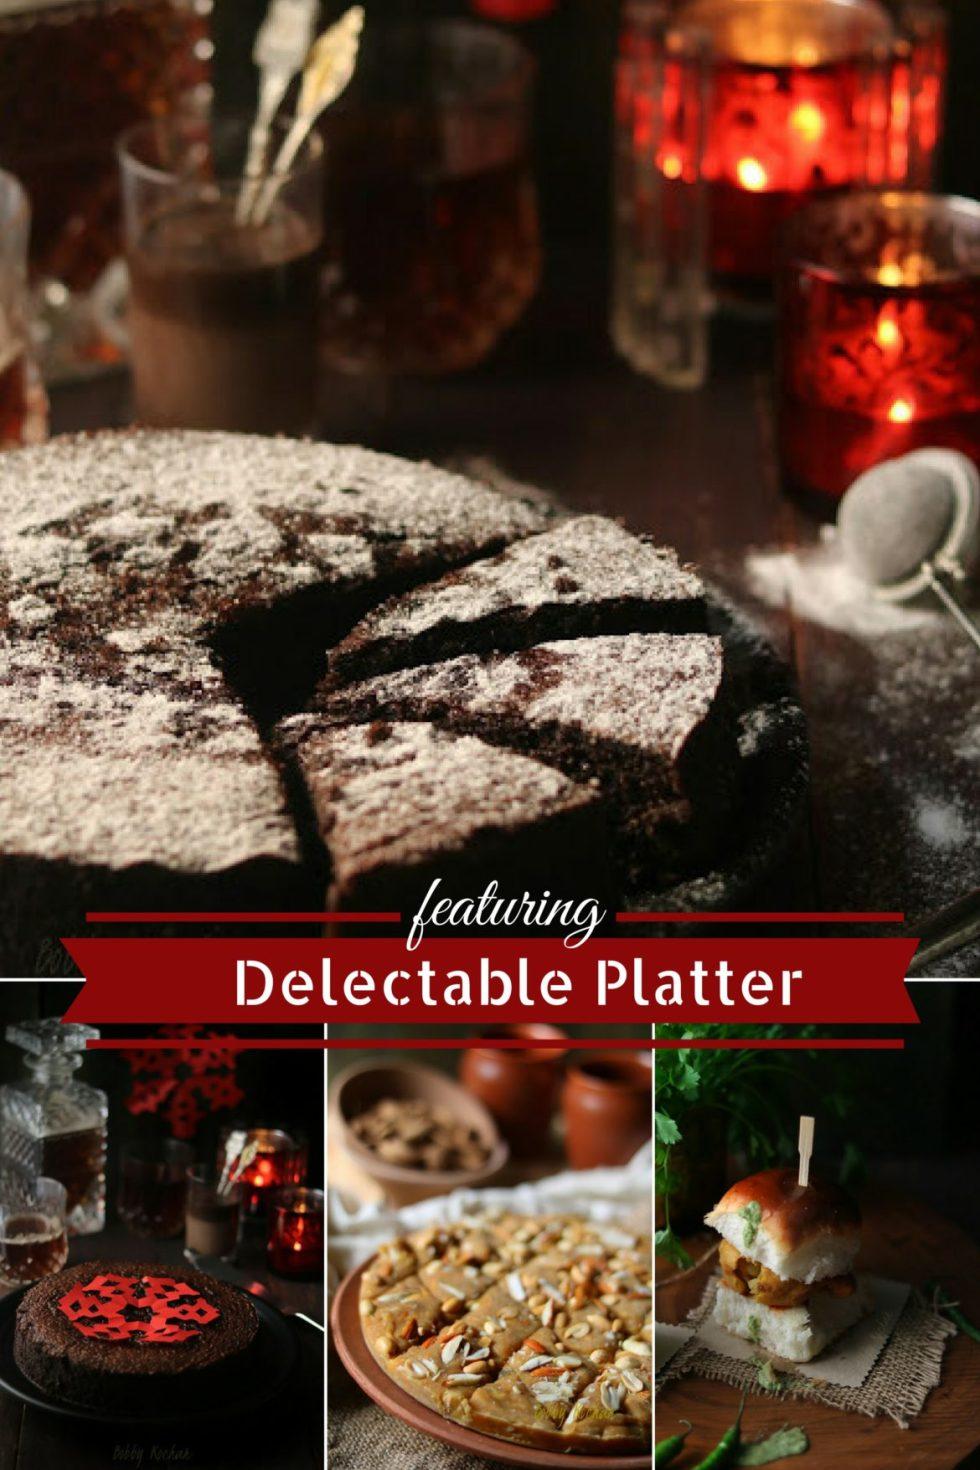 Delectable Platter